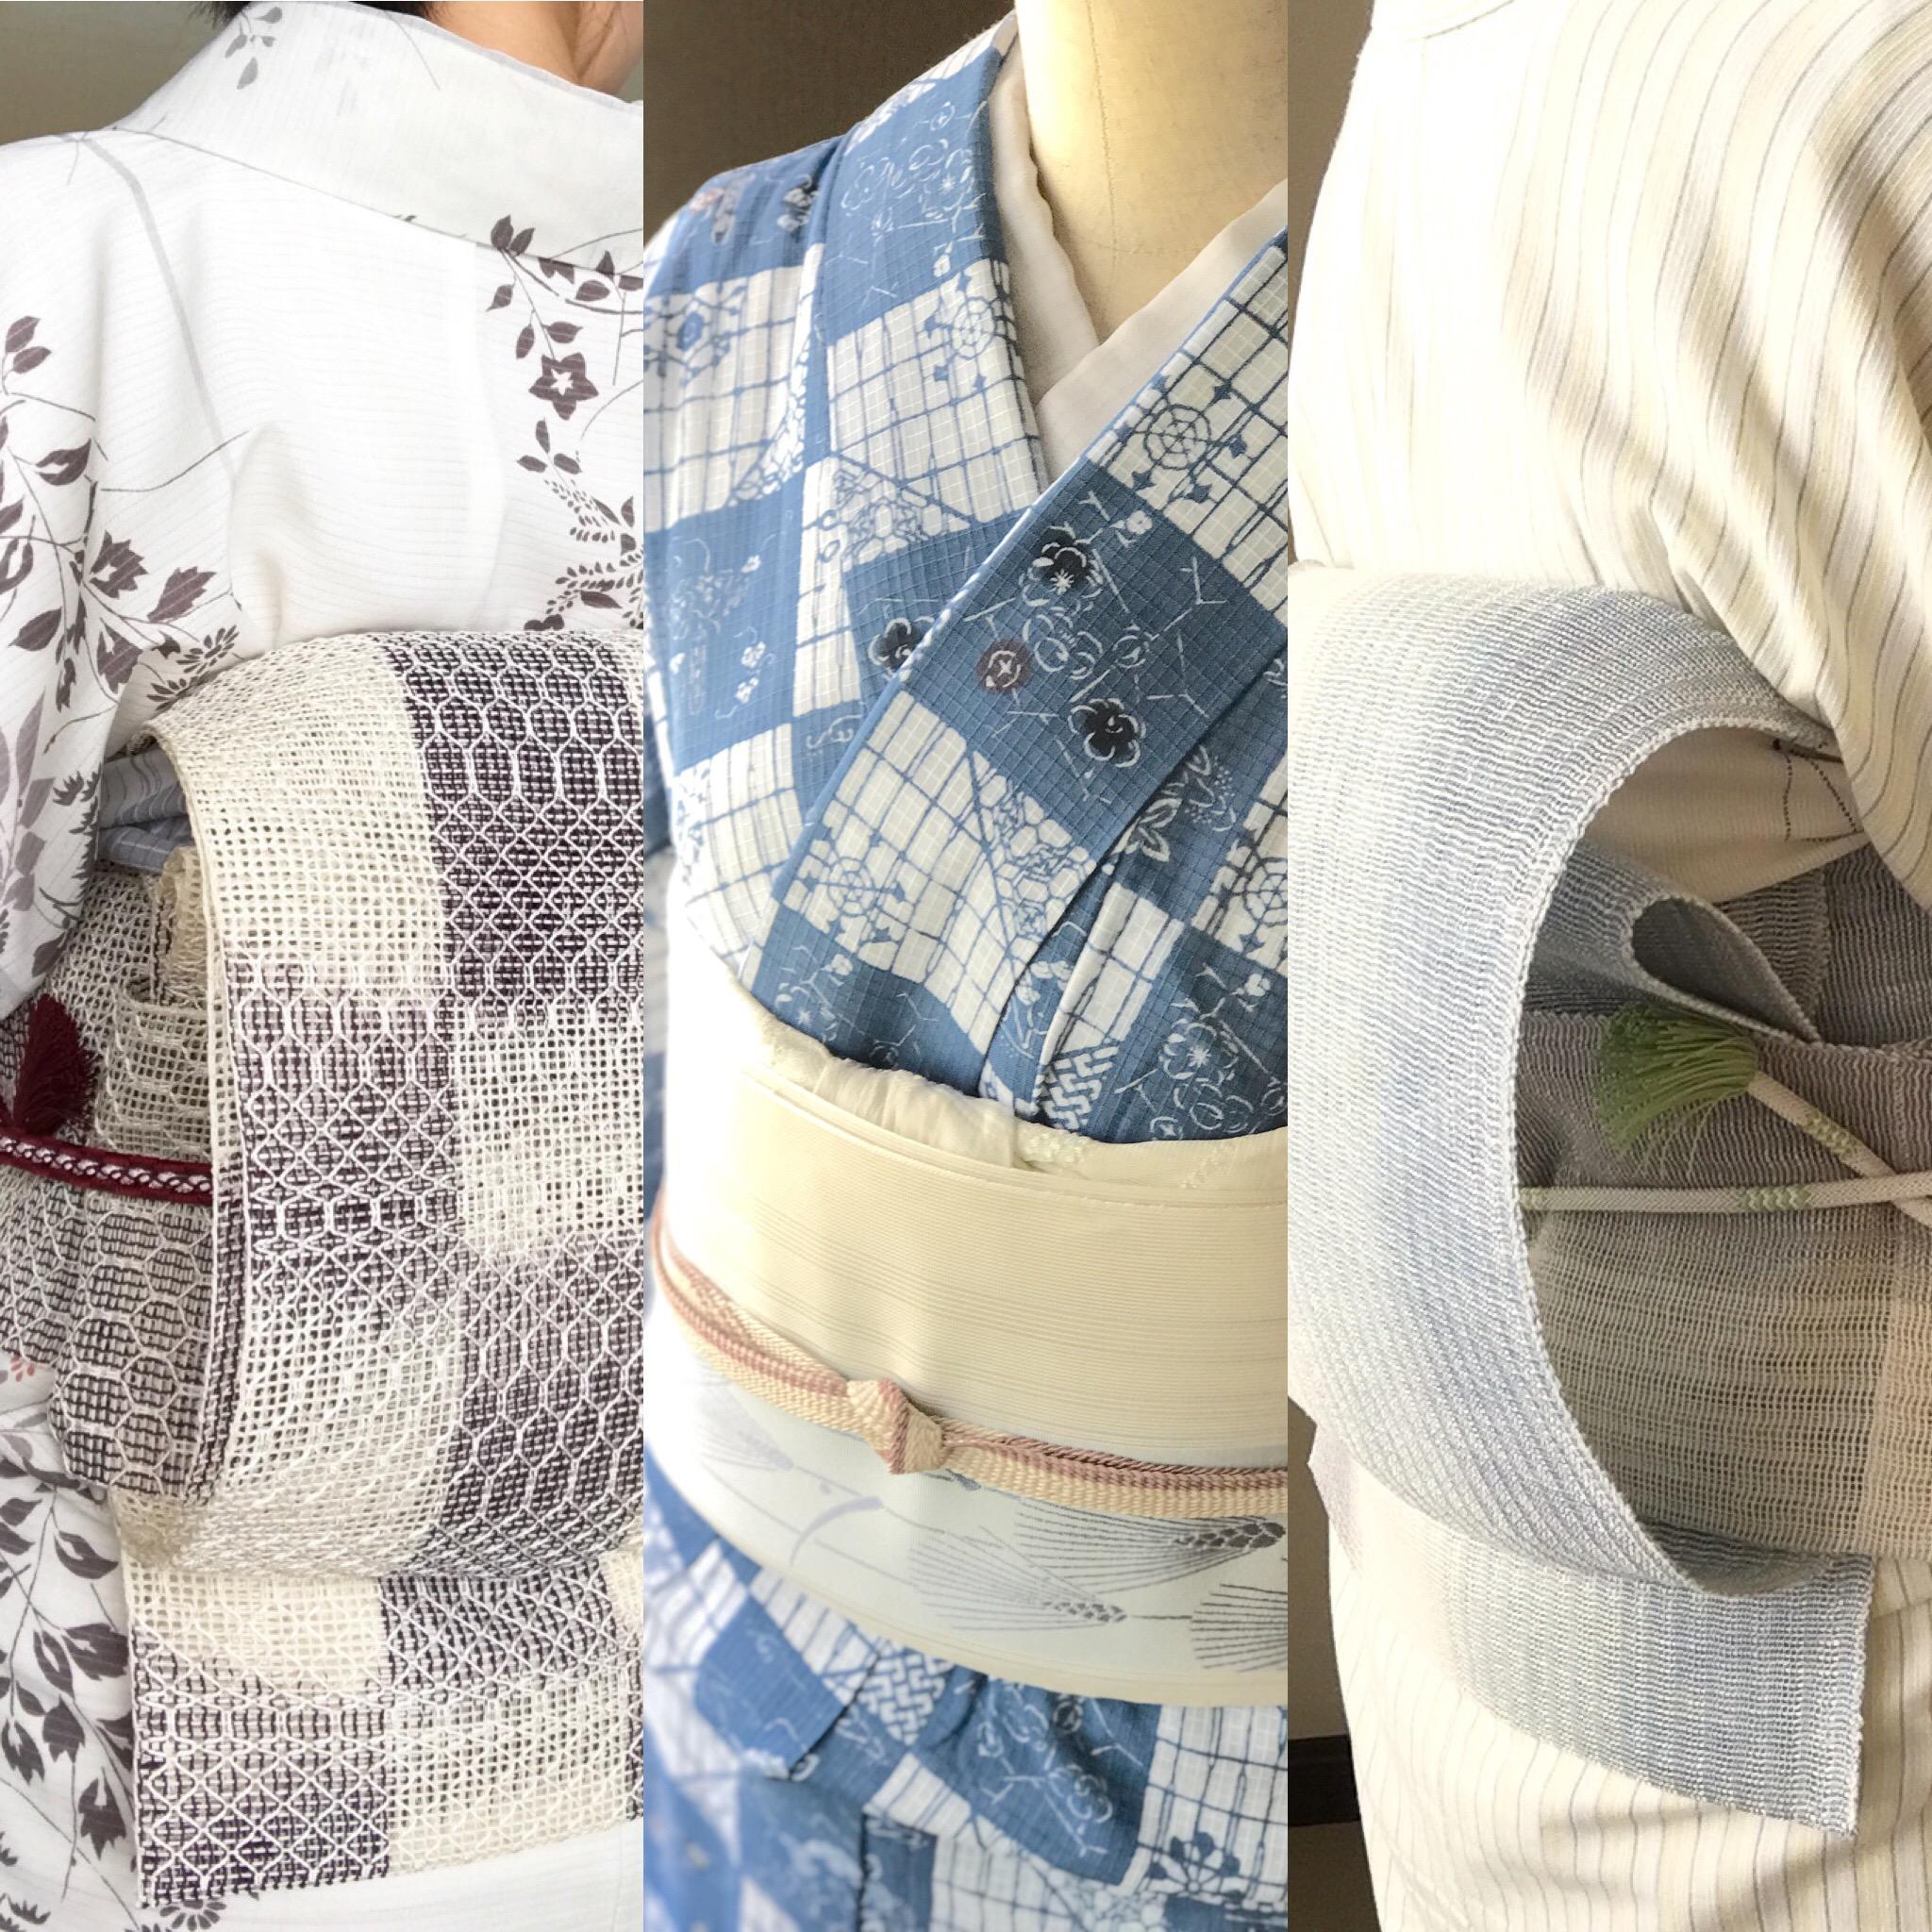 """着物コーディネート """"7〜8月によく着た夏着物"""" を振り返る。湿度が高く暑い日々、どんな着物で過ごしてたのかな…"""